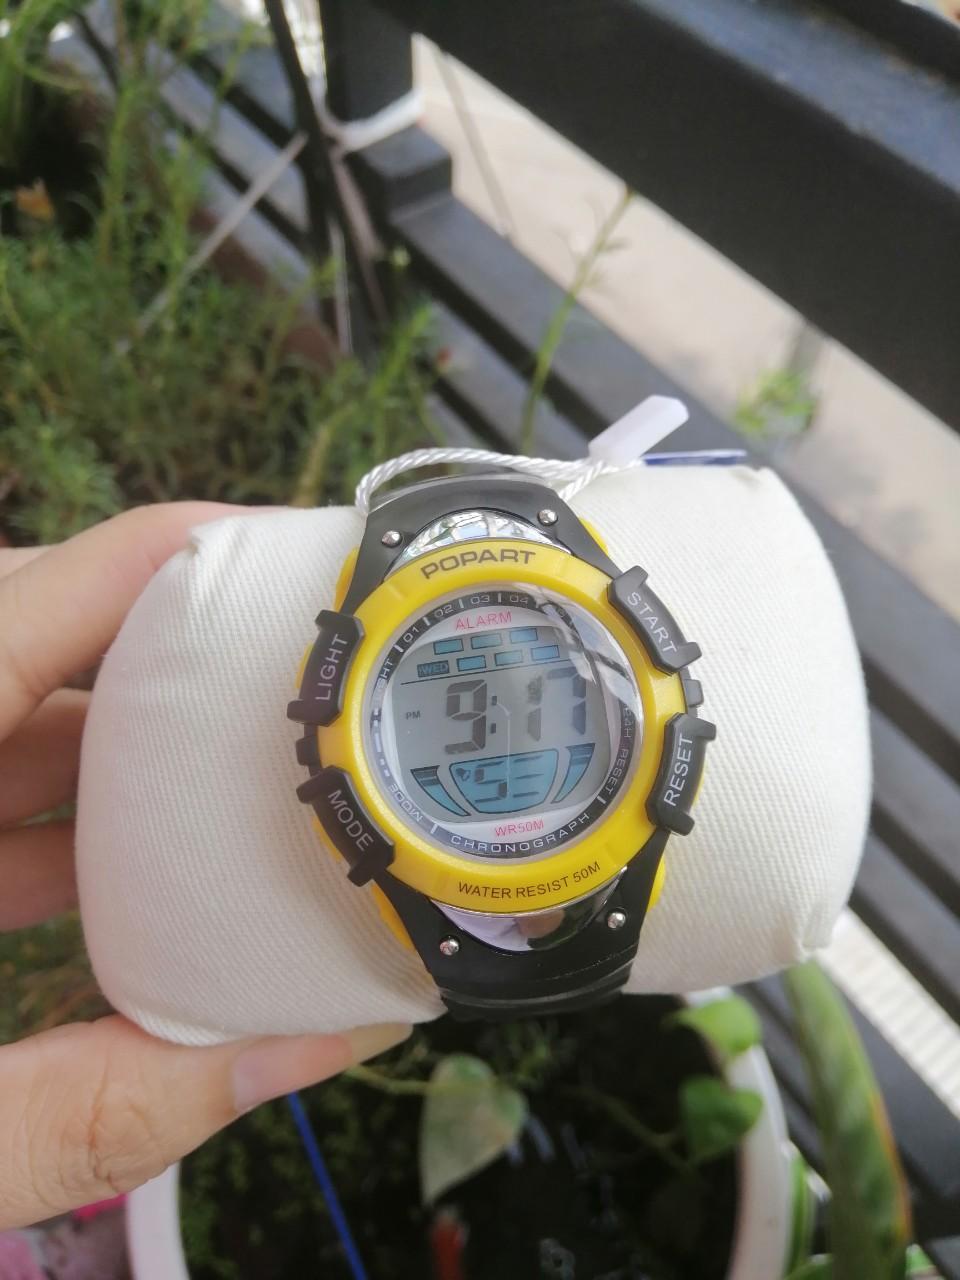 Đồng hồ trẻ em mhpo85 popart pop-386 chống nước tuyệt đối - đèn 7 màu cực đẹp bán chạy